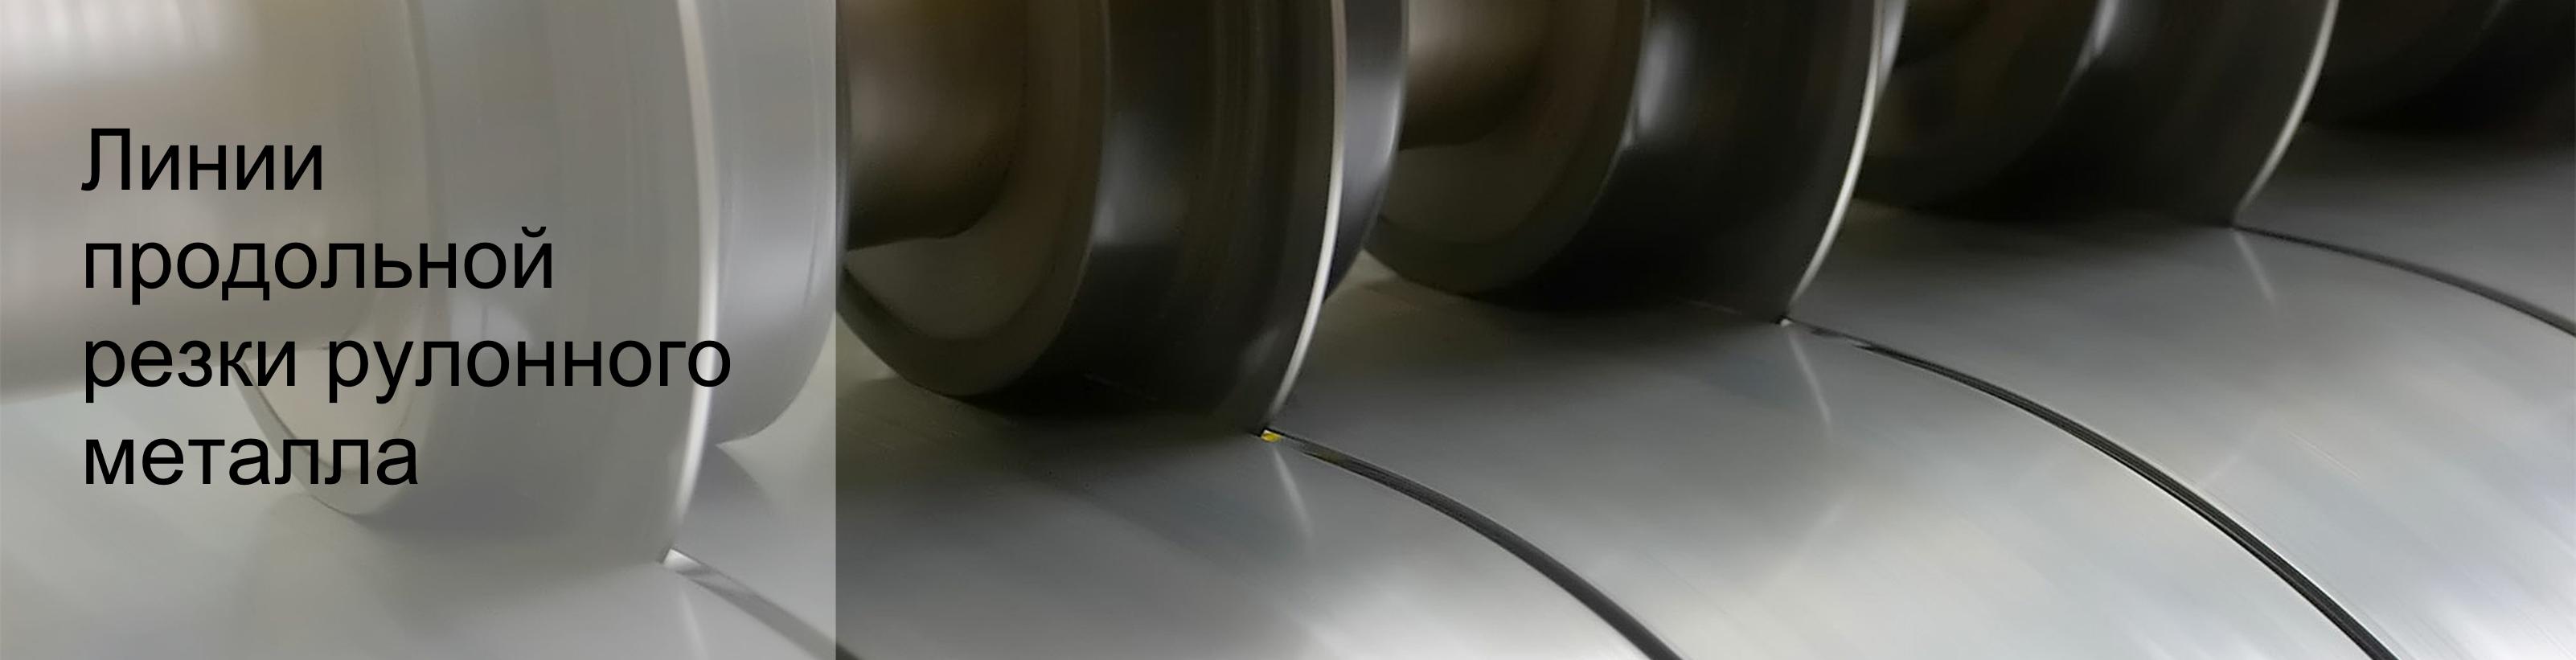 Линии продольной резки рулонного металла